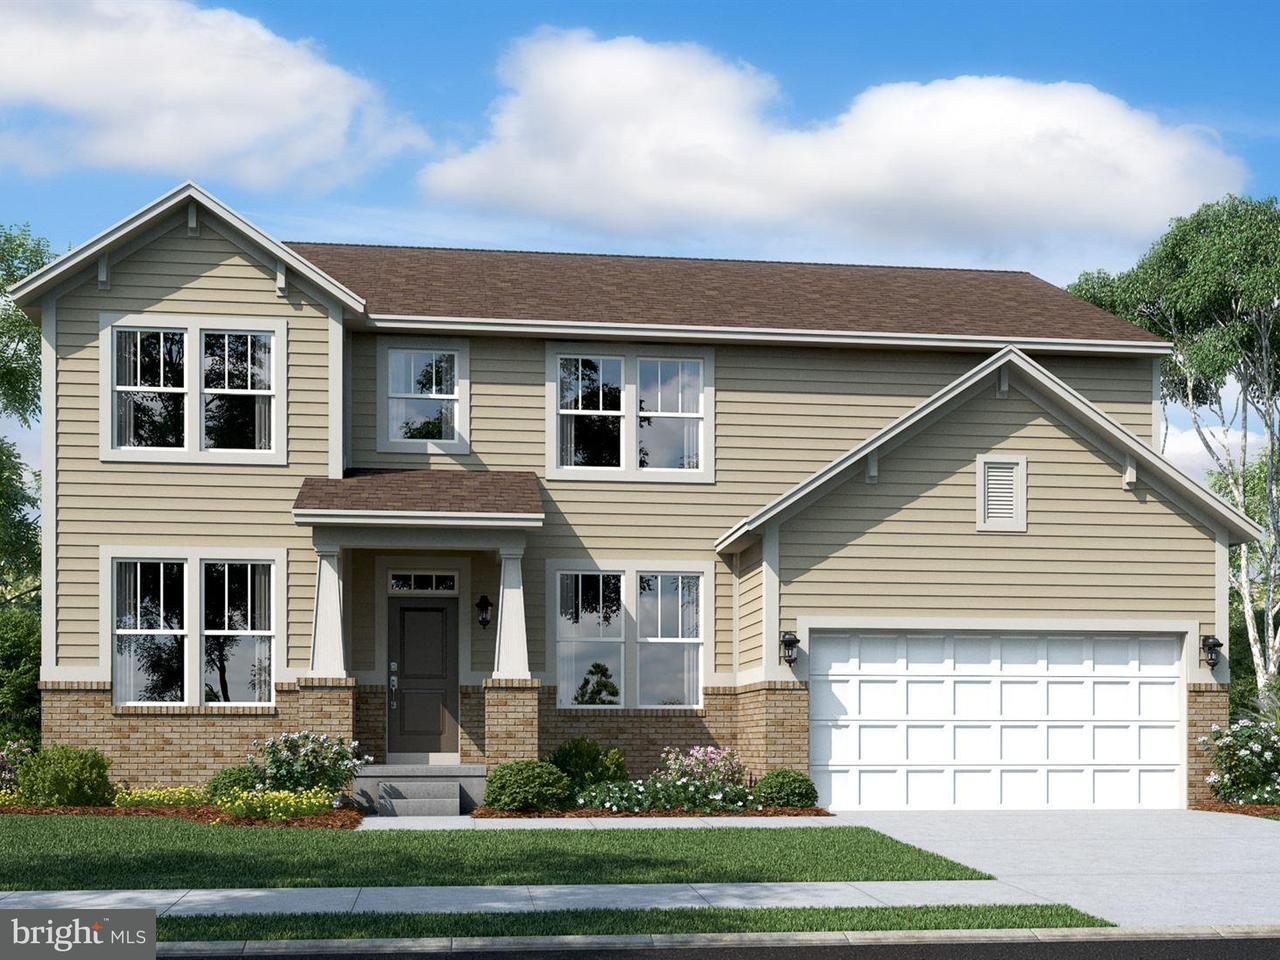 一戸建て のために 売買 アット 10929 LOUIS DETRICK Lane 10929 LOUIS DETRICK Lane Monrovia, メリーランド 21770 アメリカ合衆国